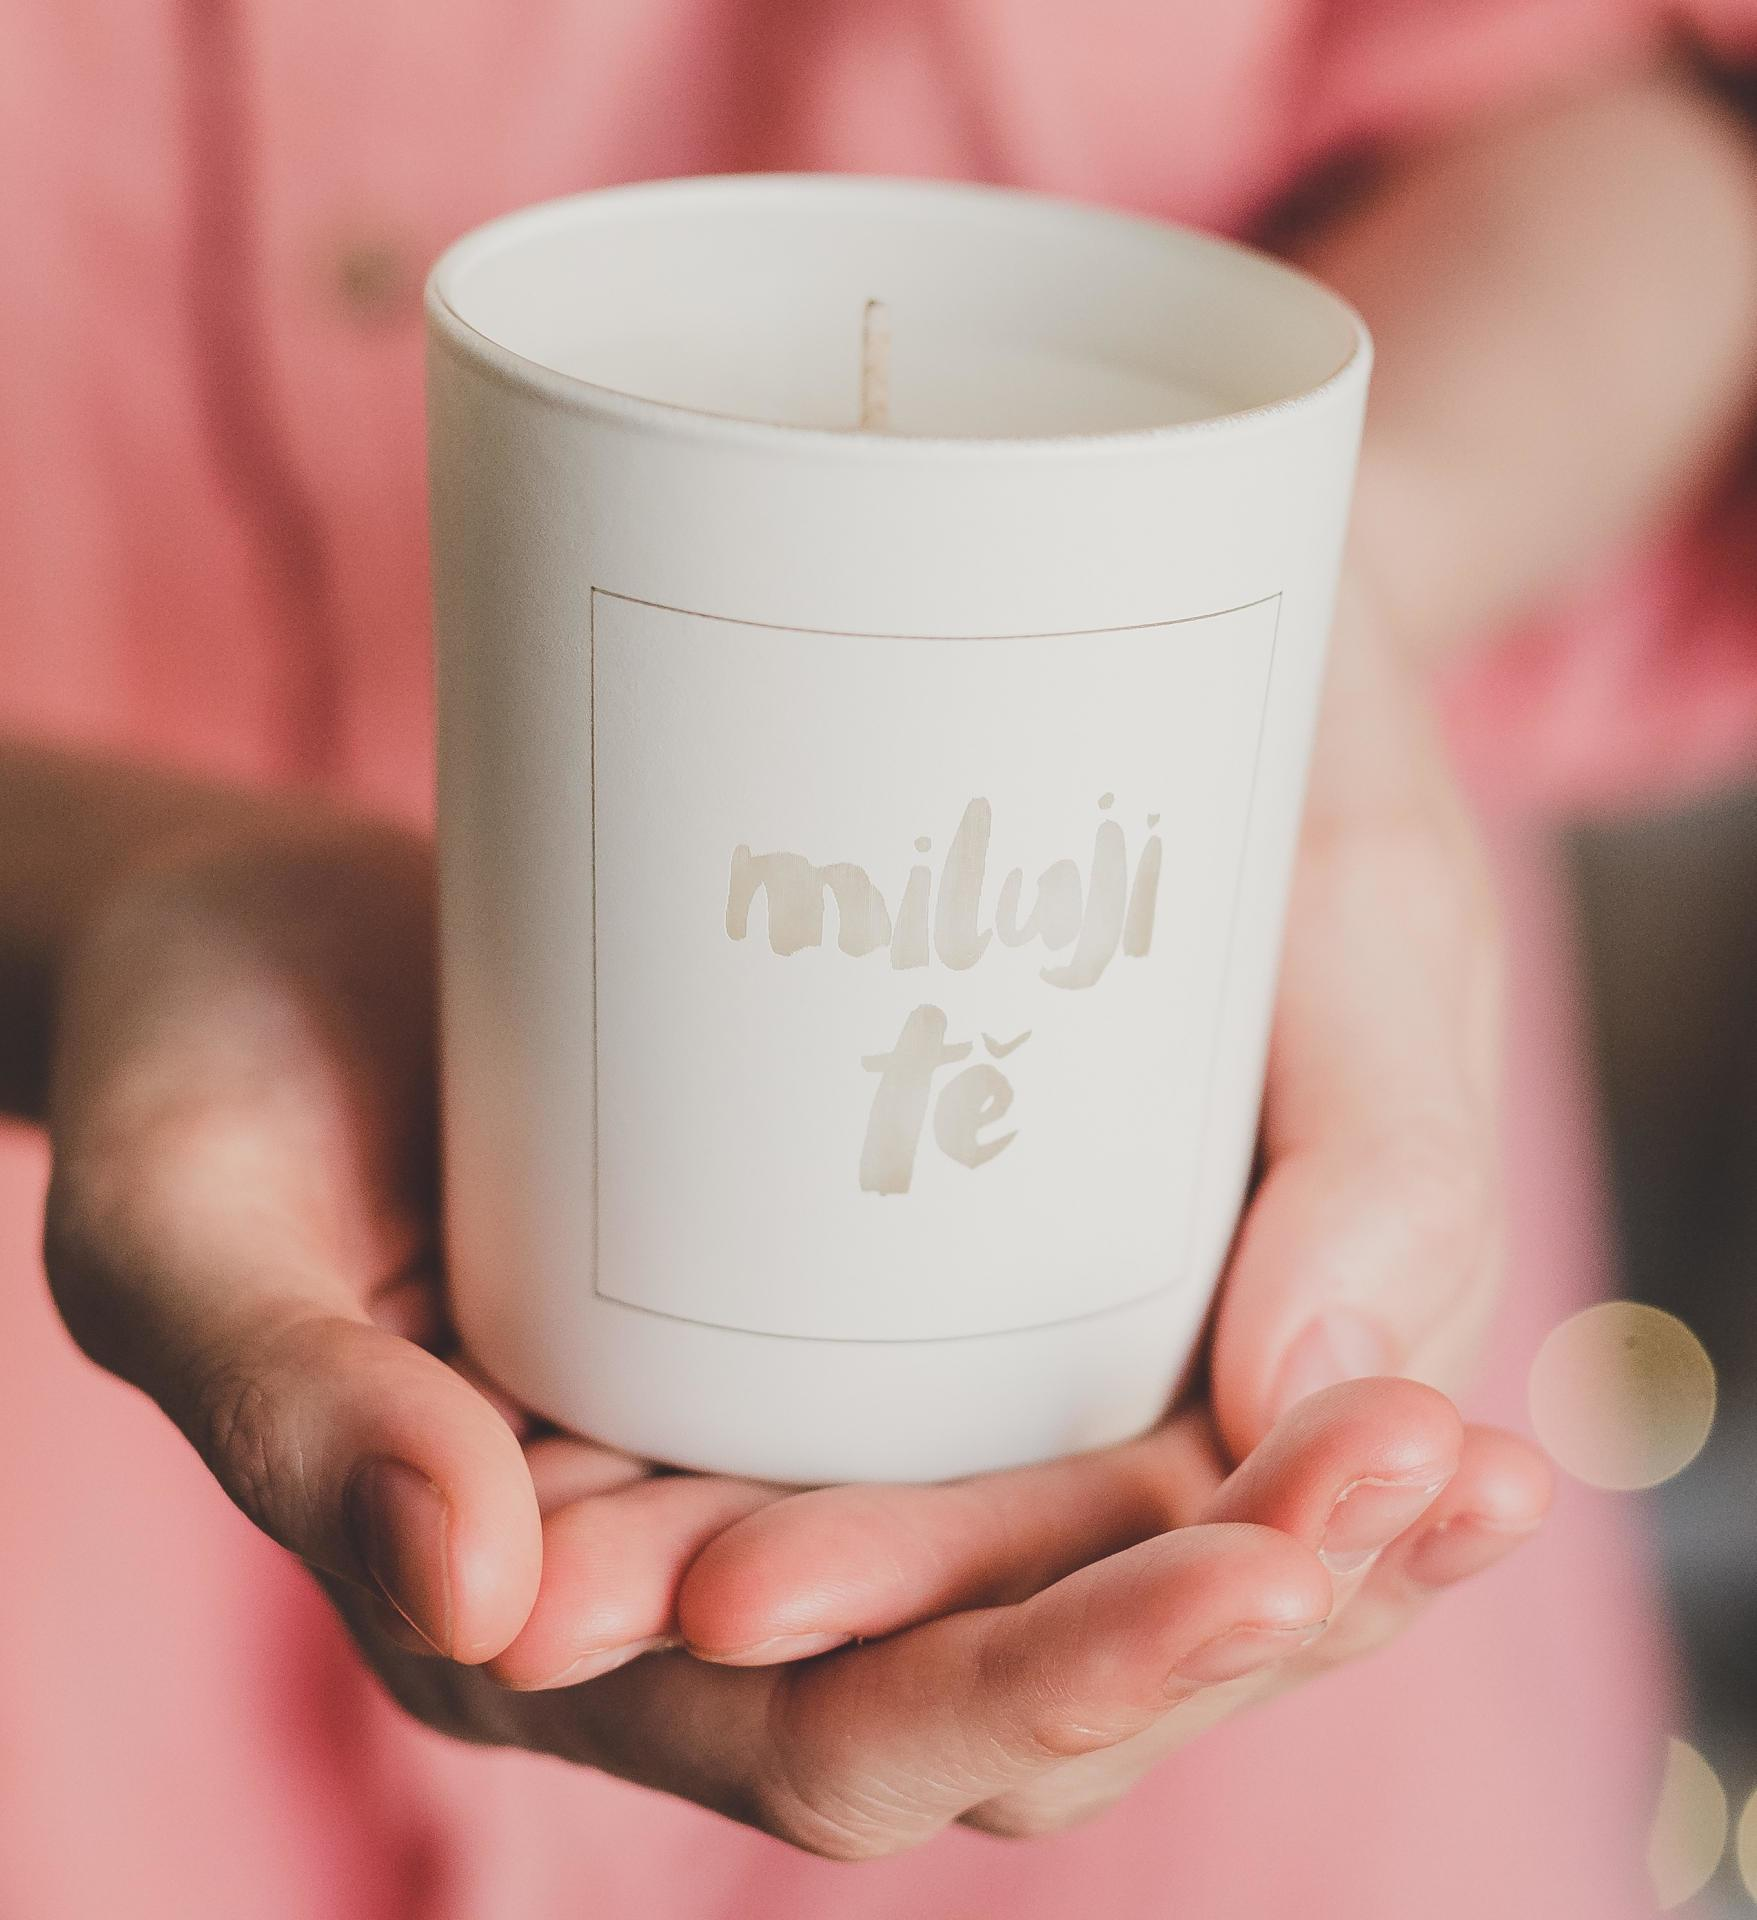 Love Inc. Bílá svíčka Miluji tě - fíky a bílé pižmo, bílá barva, sklo, dřevo, vosk